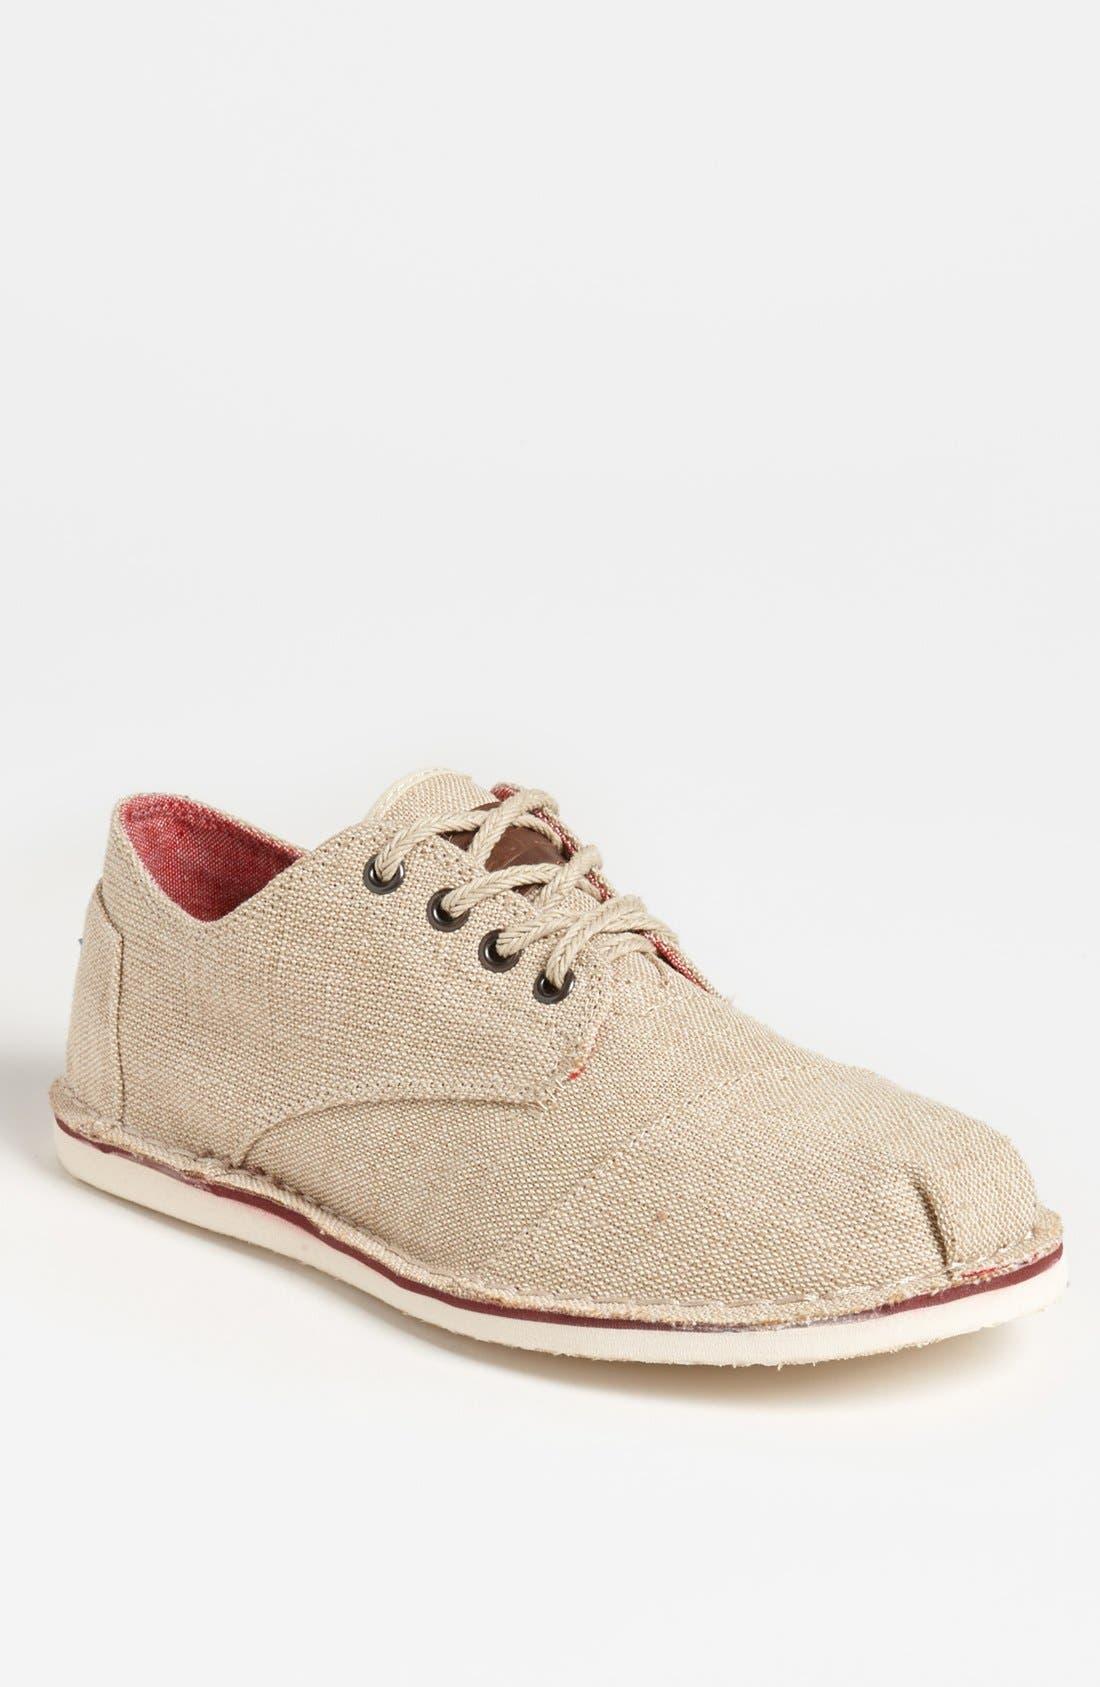 Main Image - TOMS 'Desert' Burlap Sneaker (Men)